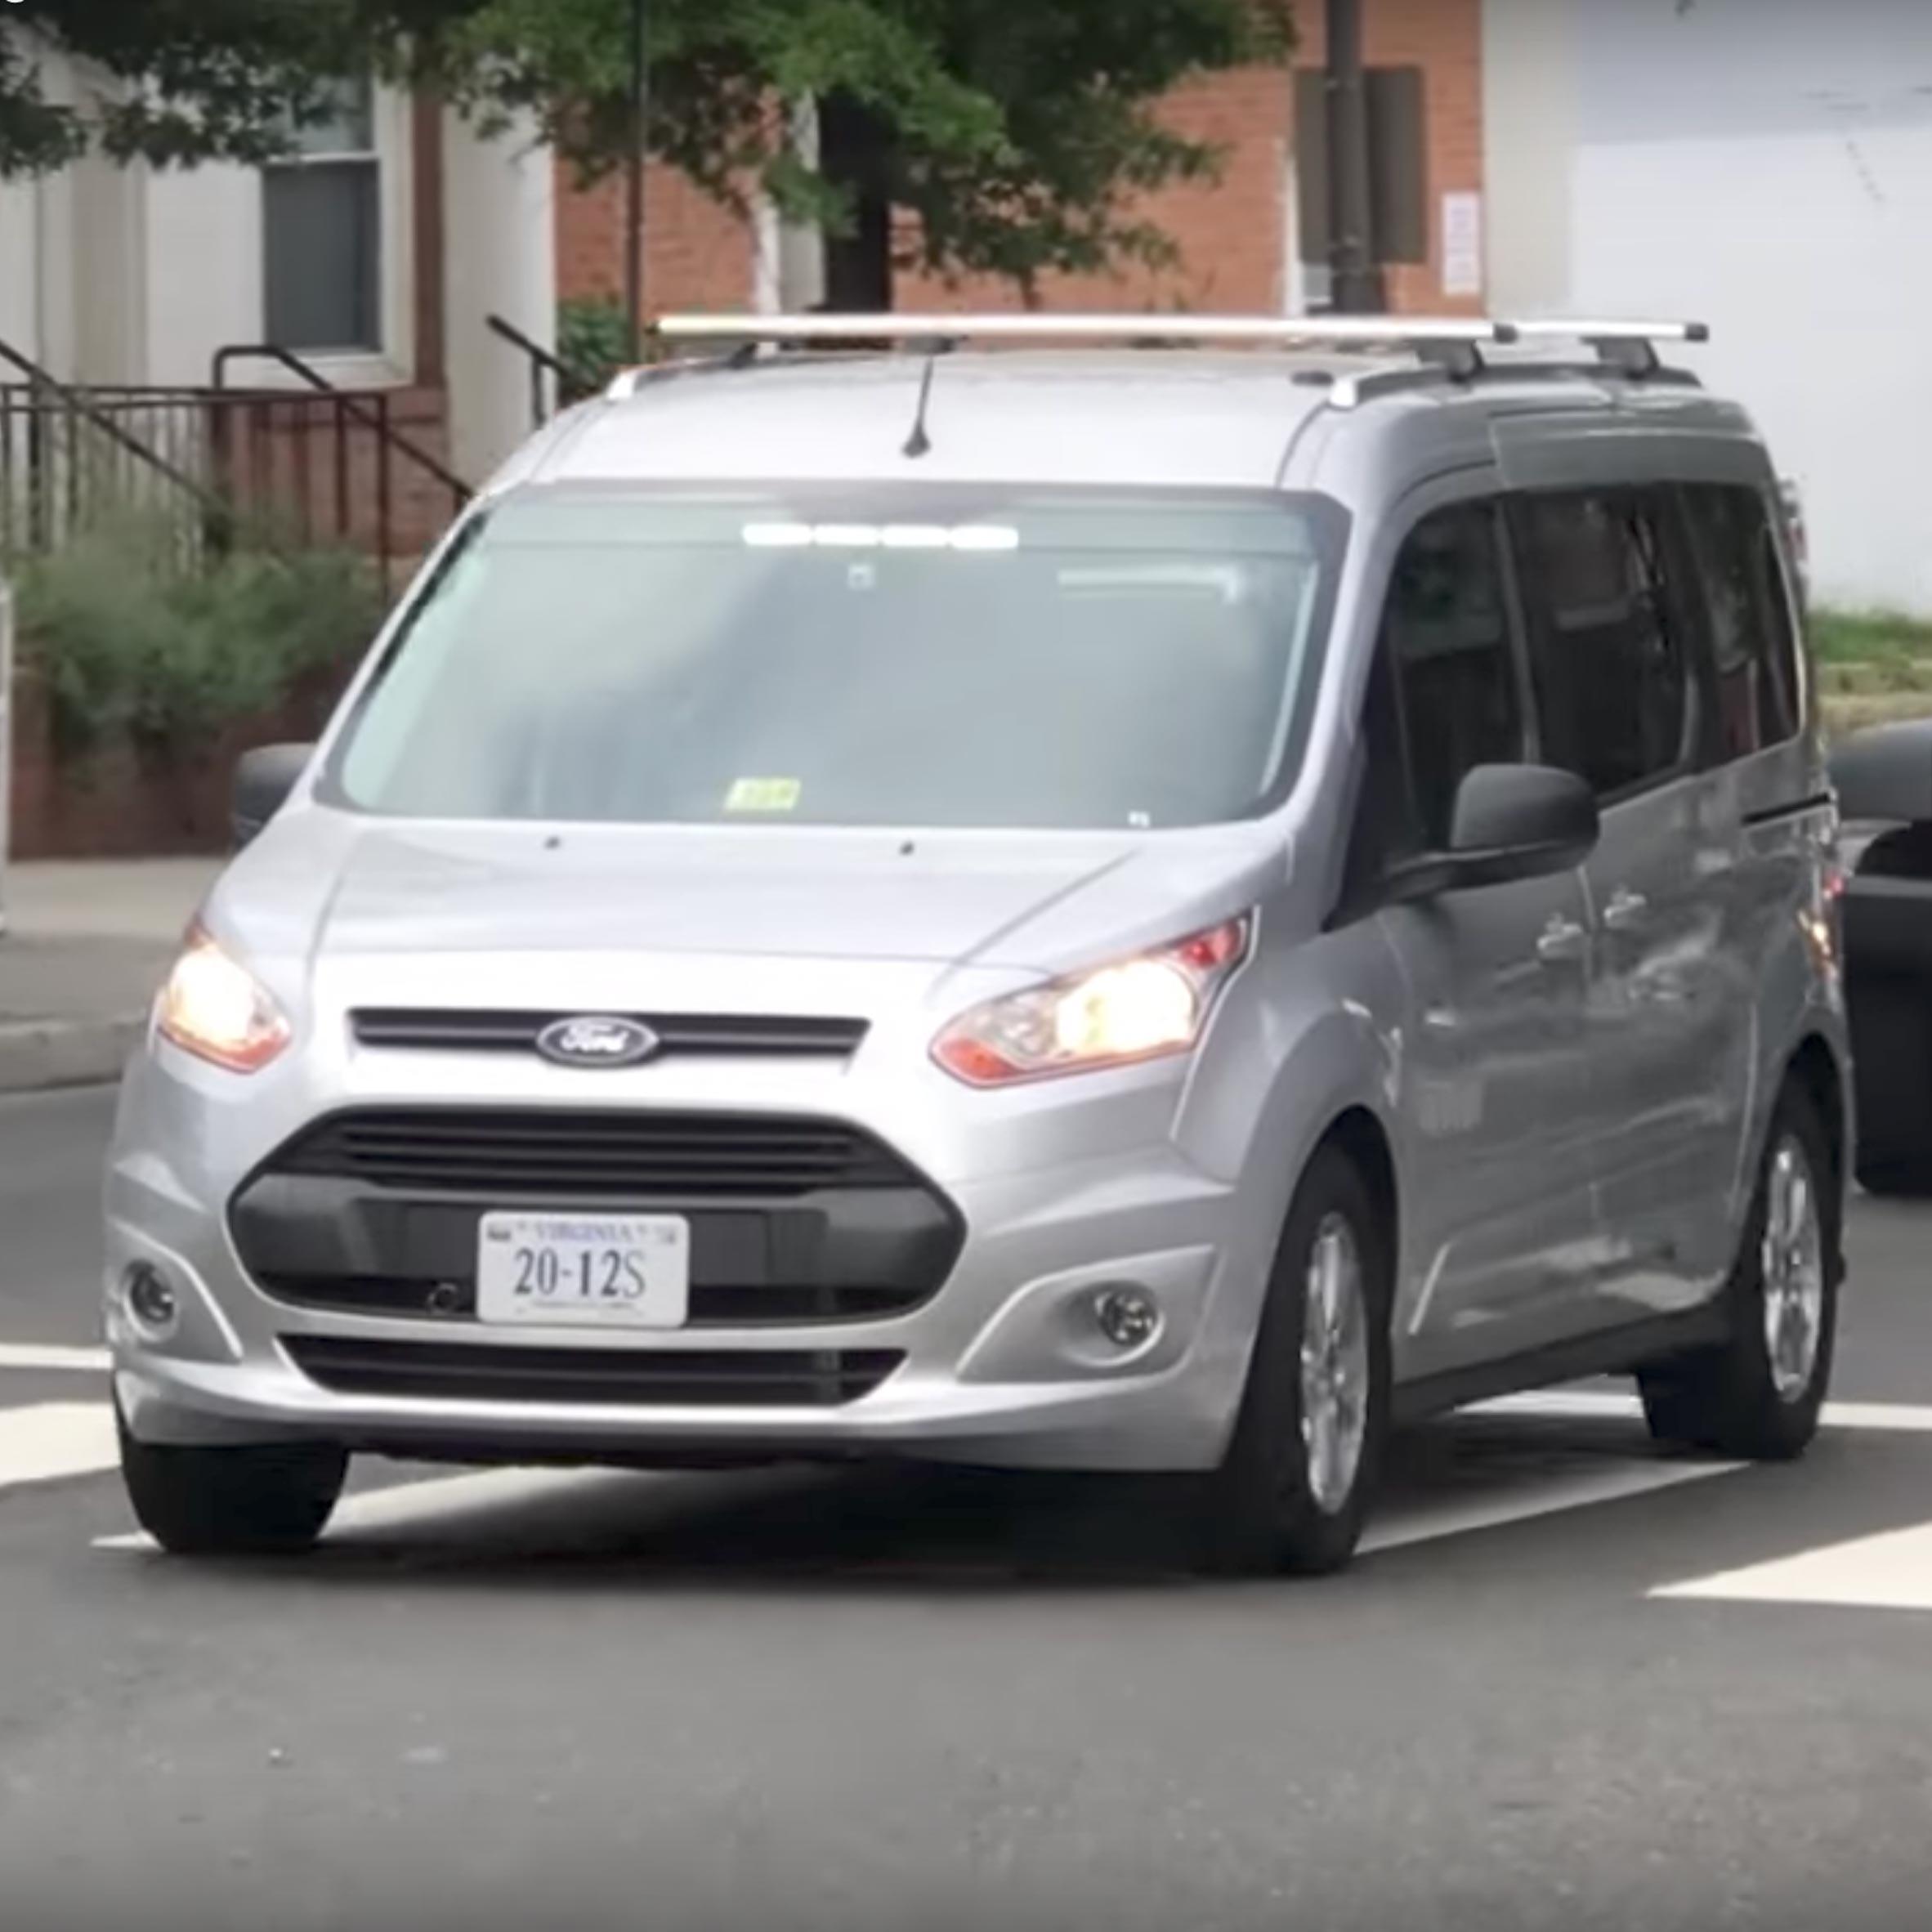 virginia techs driverless van is steered by a man dressed as a car seat